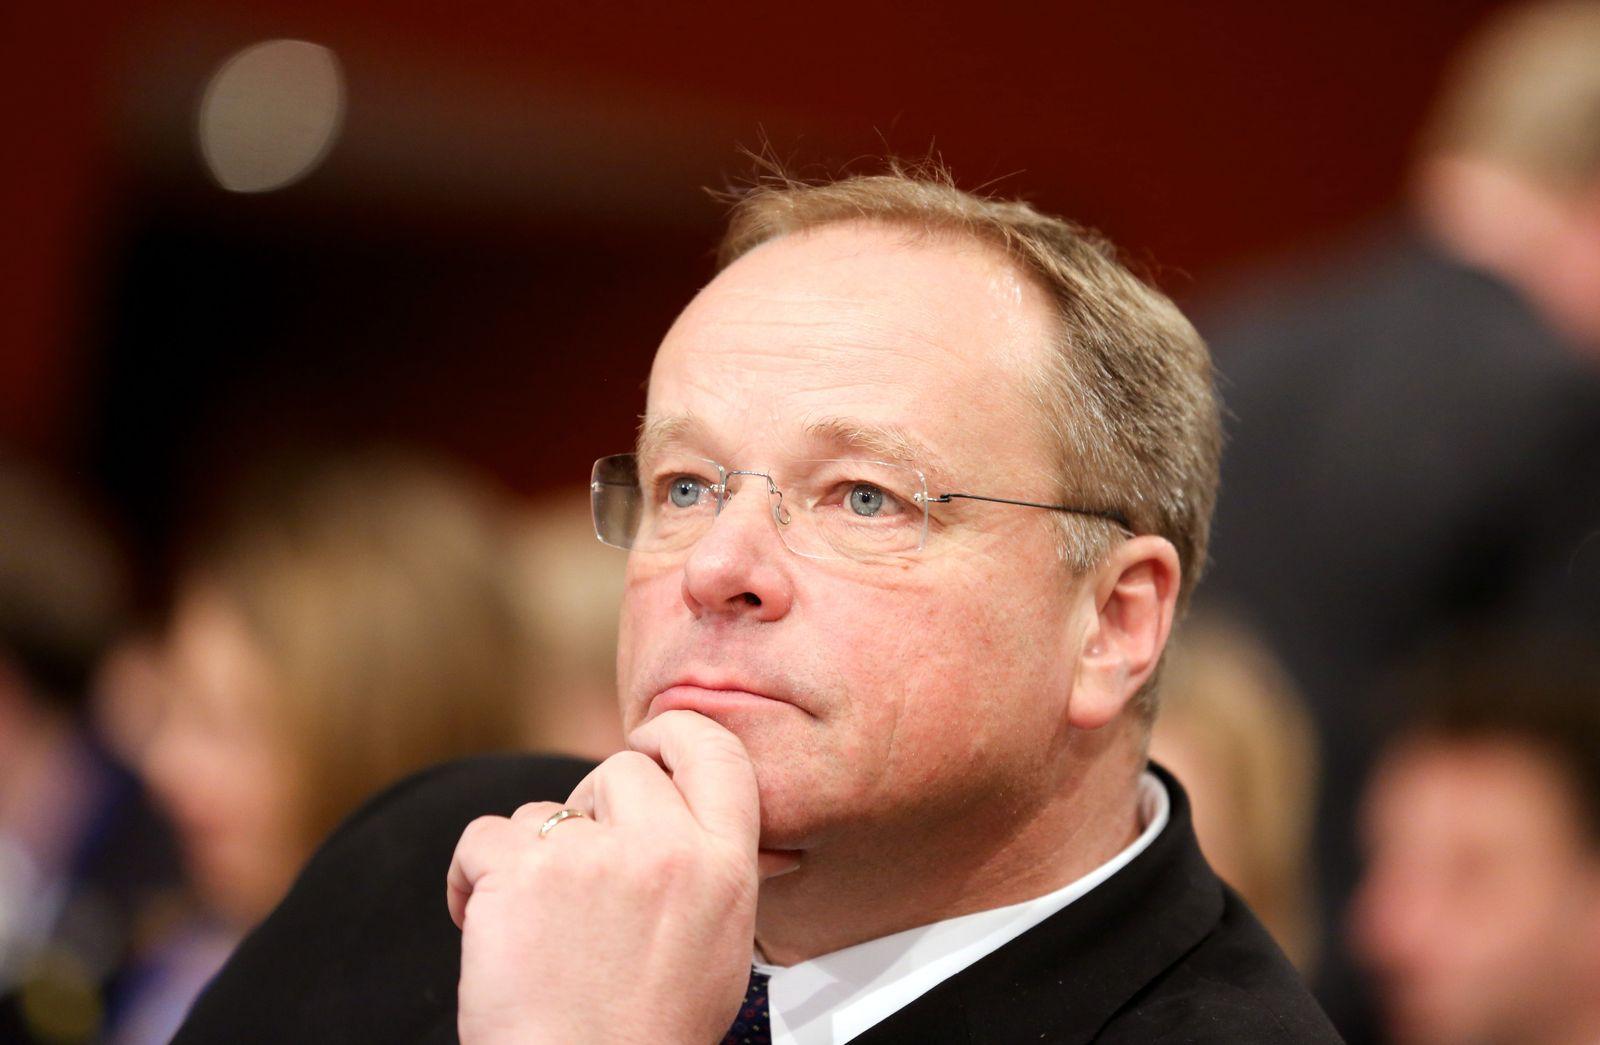 Seitenwechsler/ Dirk Niebel